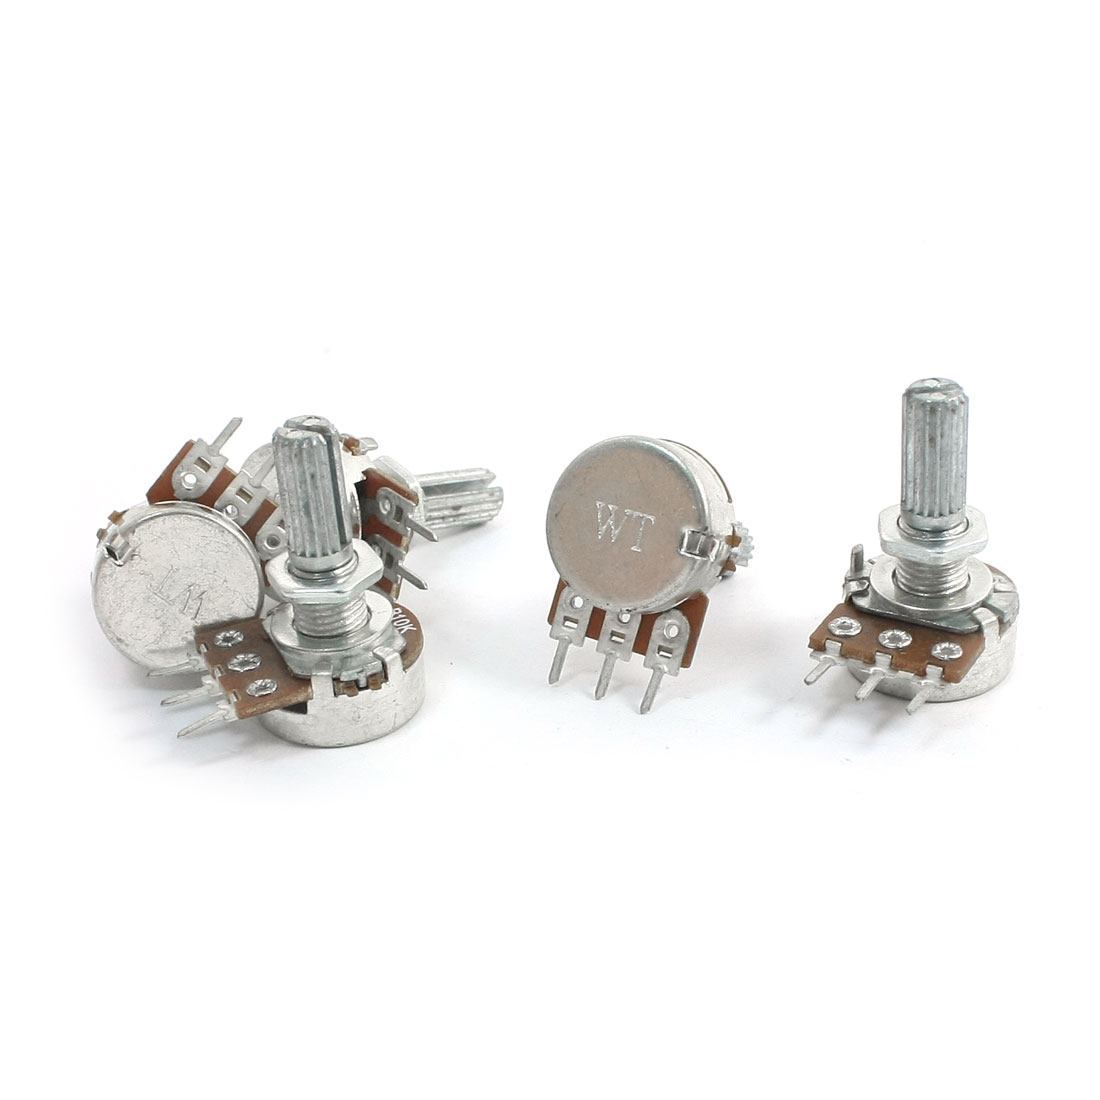 5 Pcs B10K 10K Ohm 13mm Metal Shaft Rotary Single Linear Taper Potentiometers